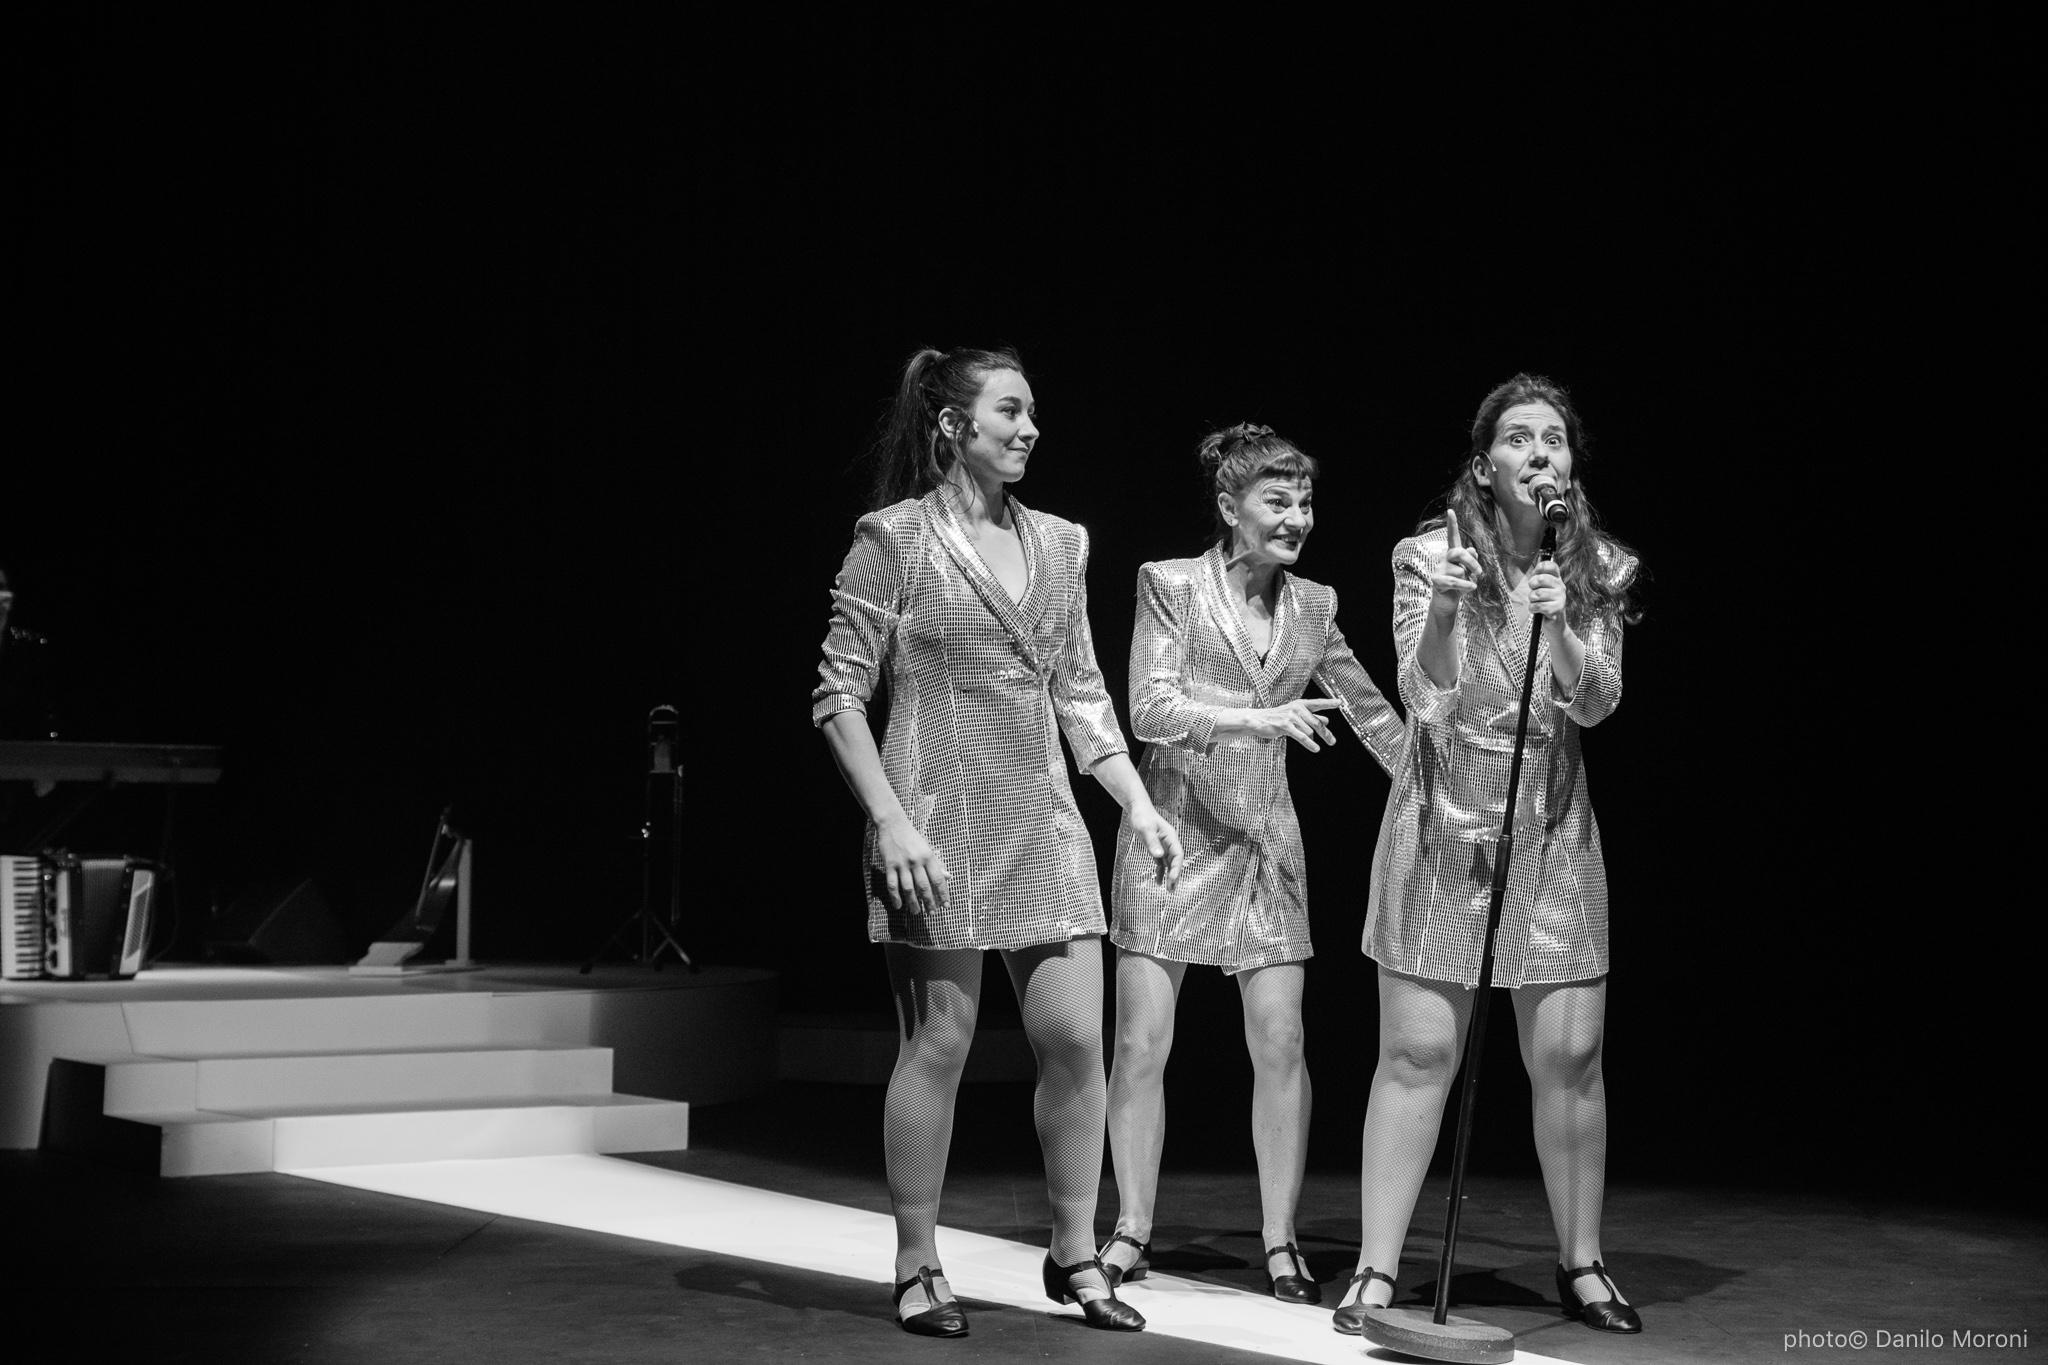 Teatro-en-vilo-Circo-Price-Miss-Mara-photo-Danilo-Moroni-524-2.jpg